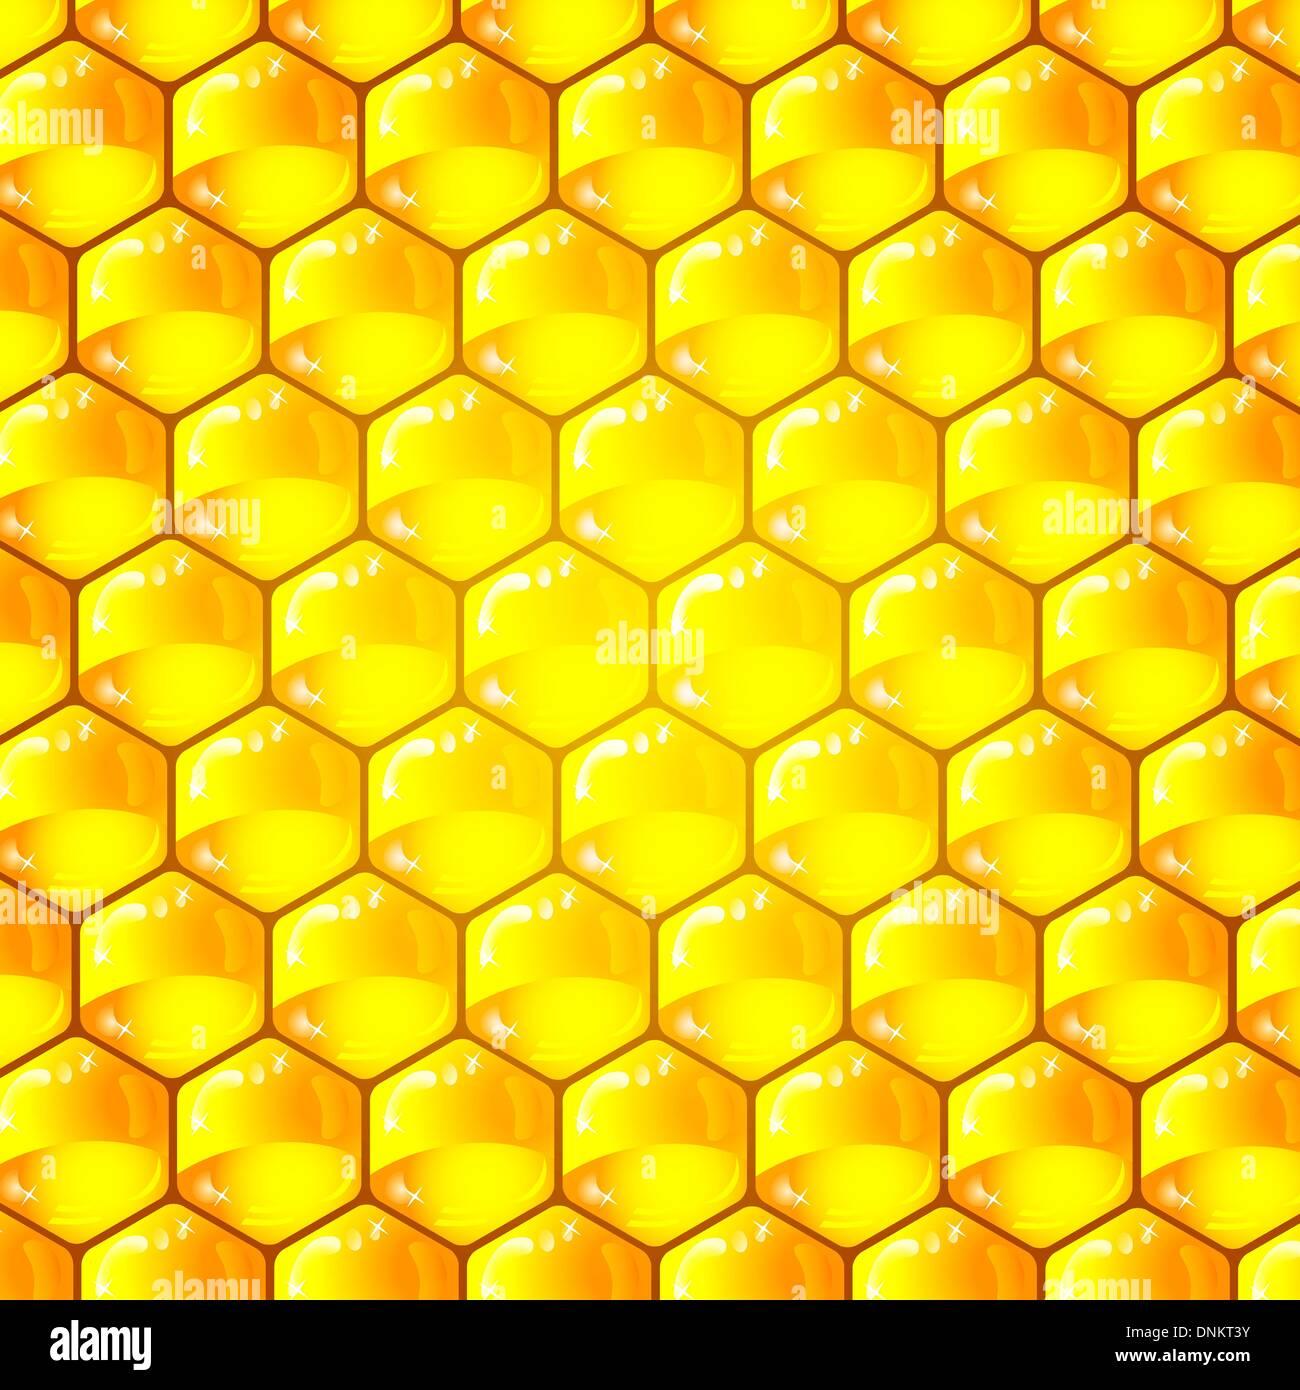 Celdas de oro de un patrón de panal. Ilustración vectorial. Imagen De Stock